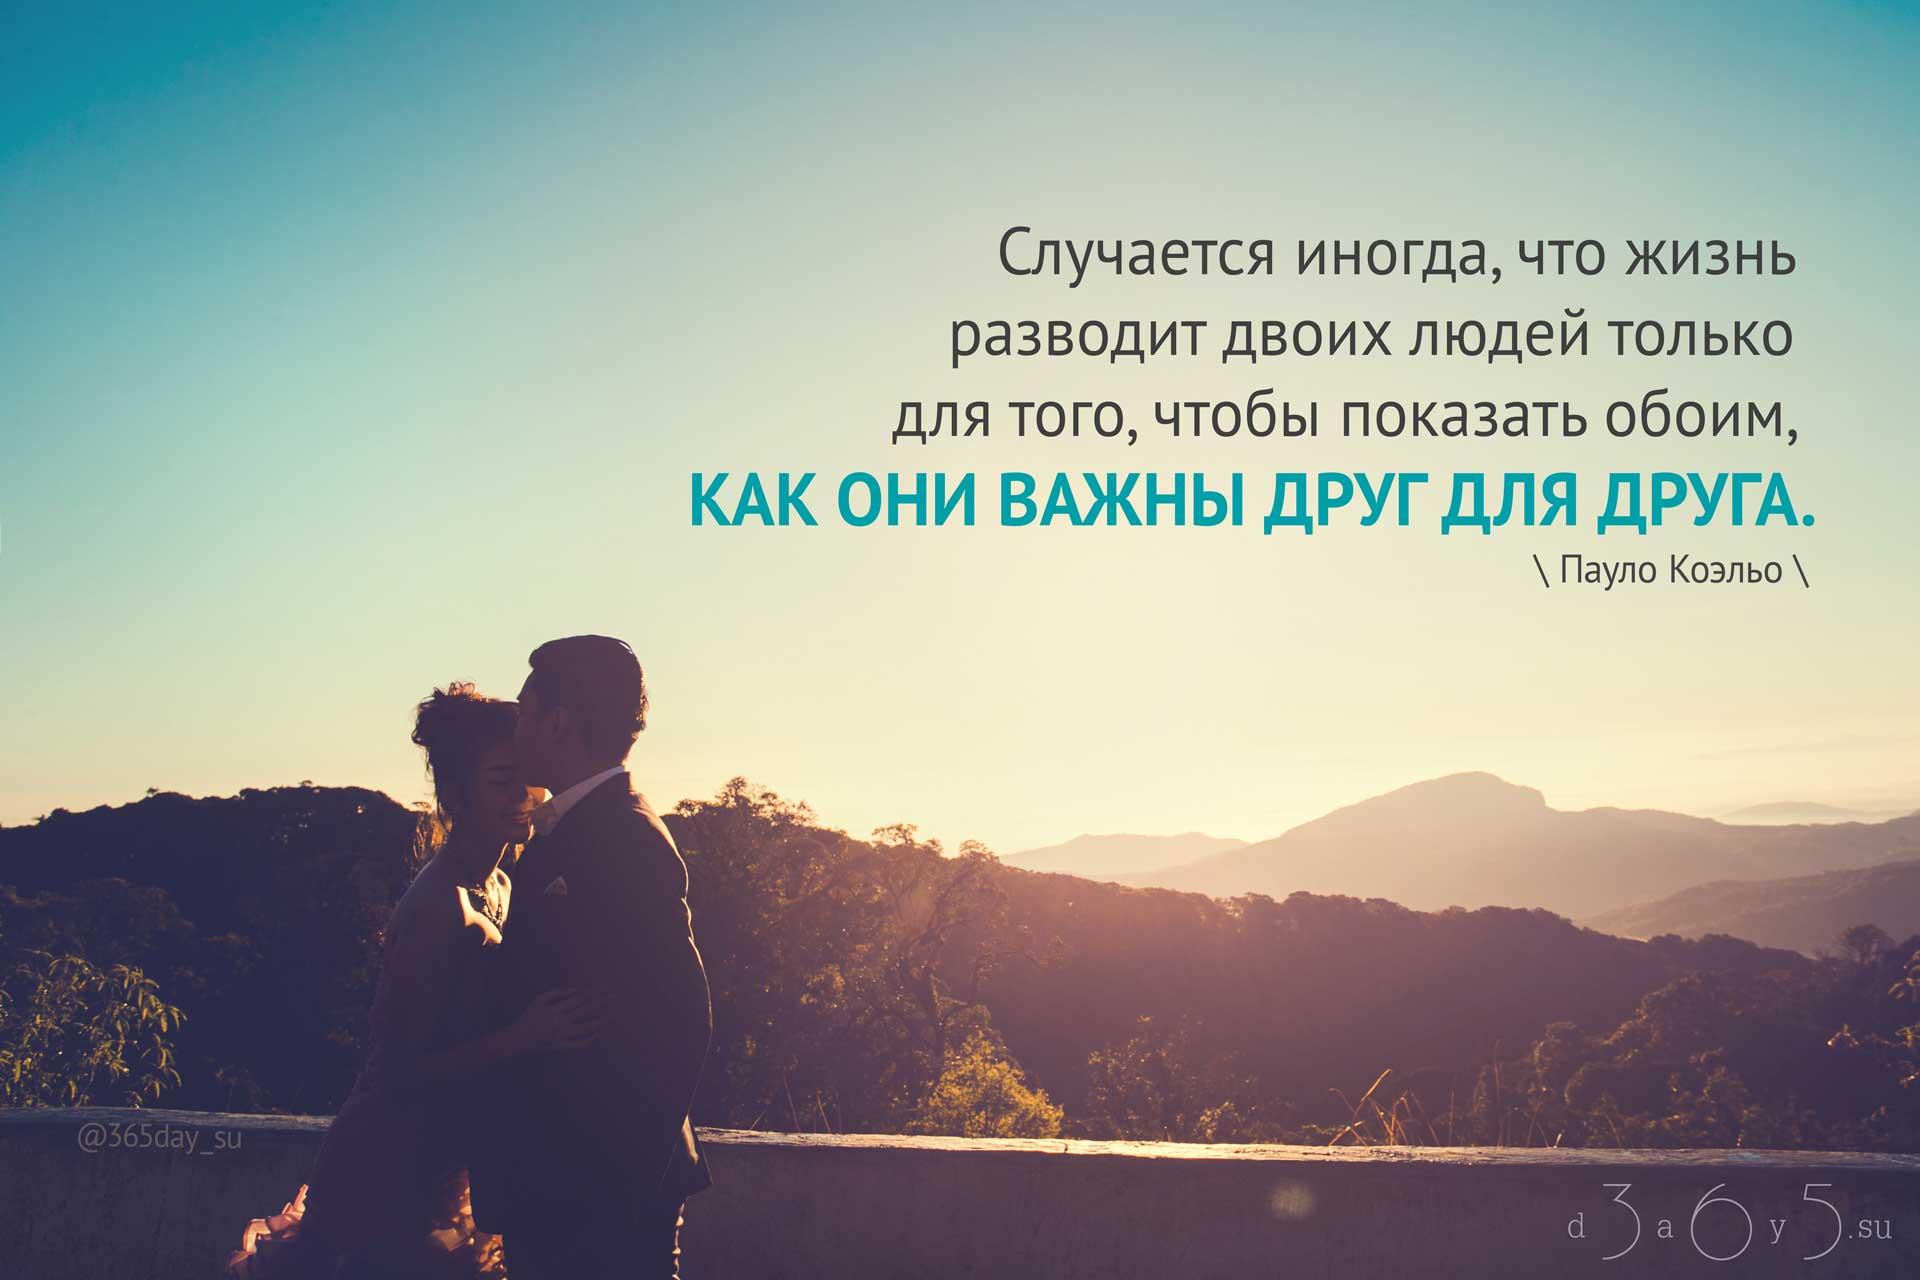 фразы про расставания с картинками втором снимке видно